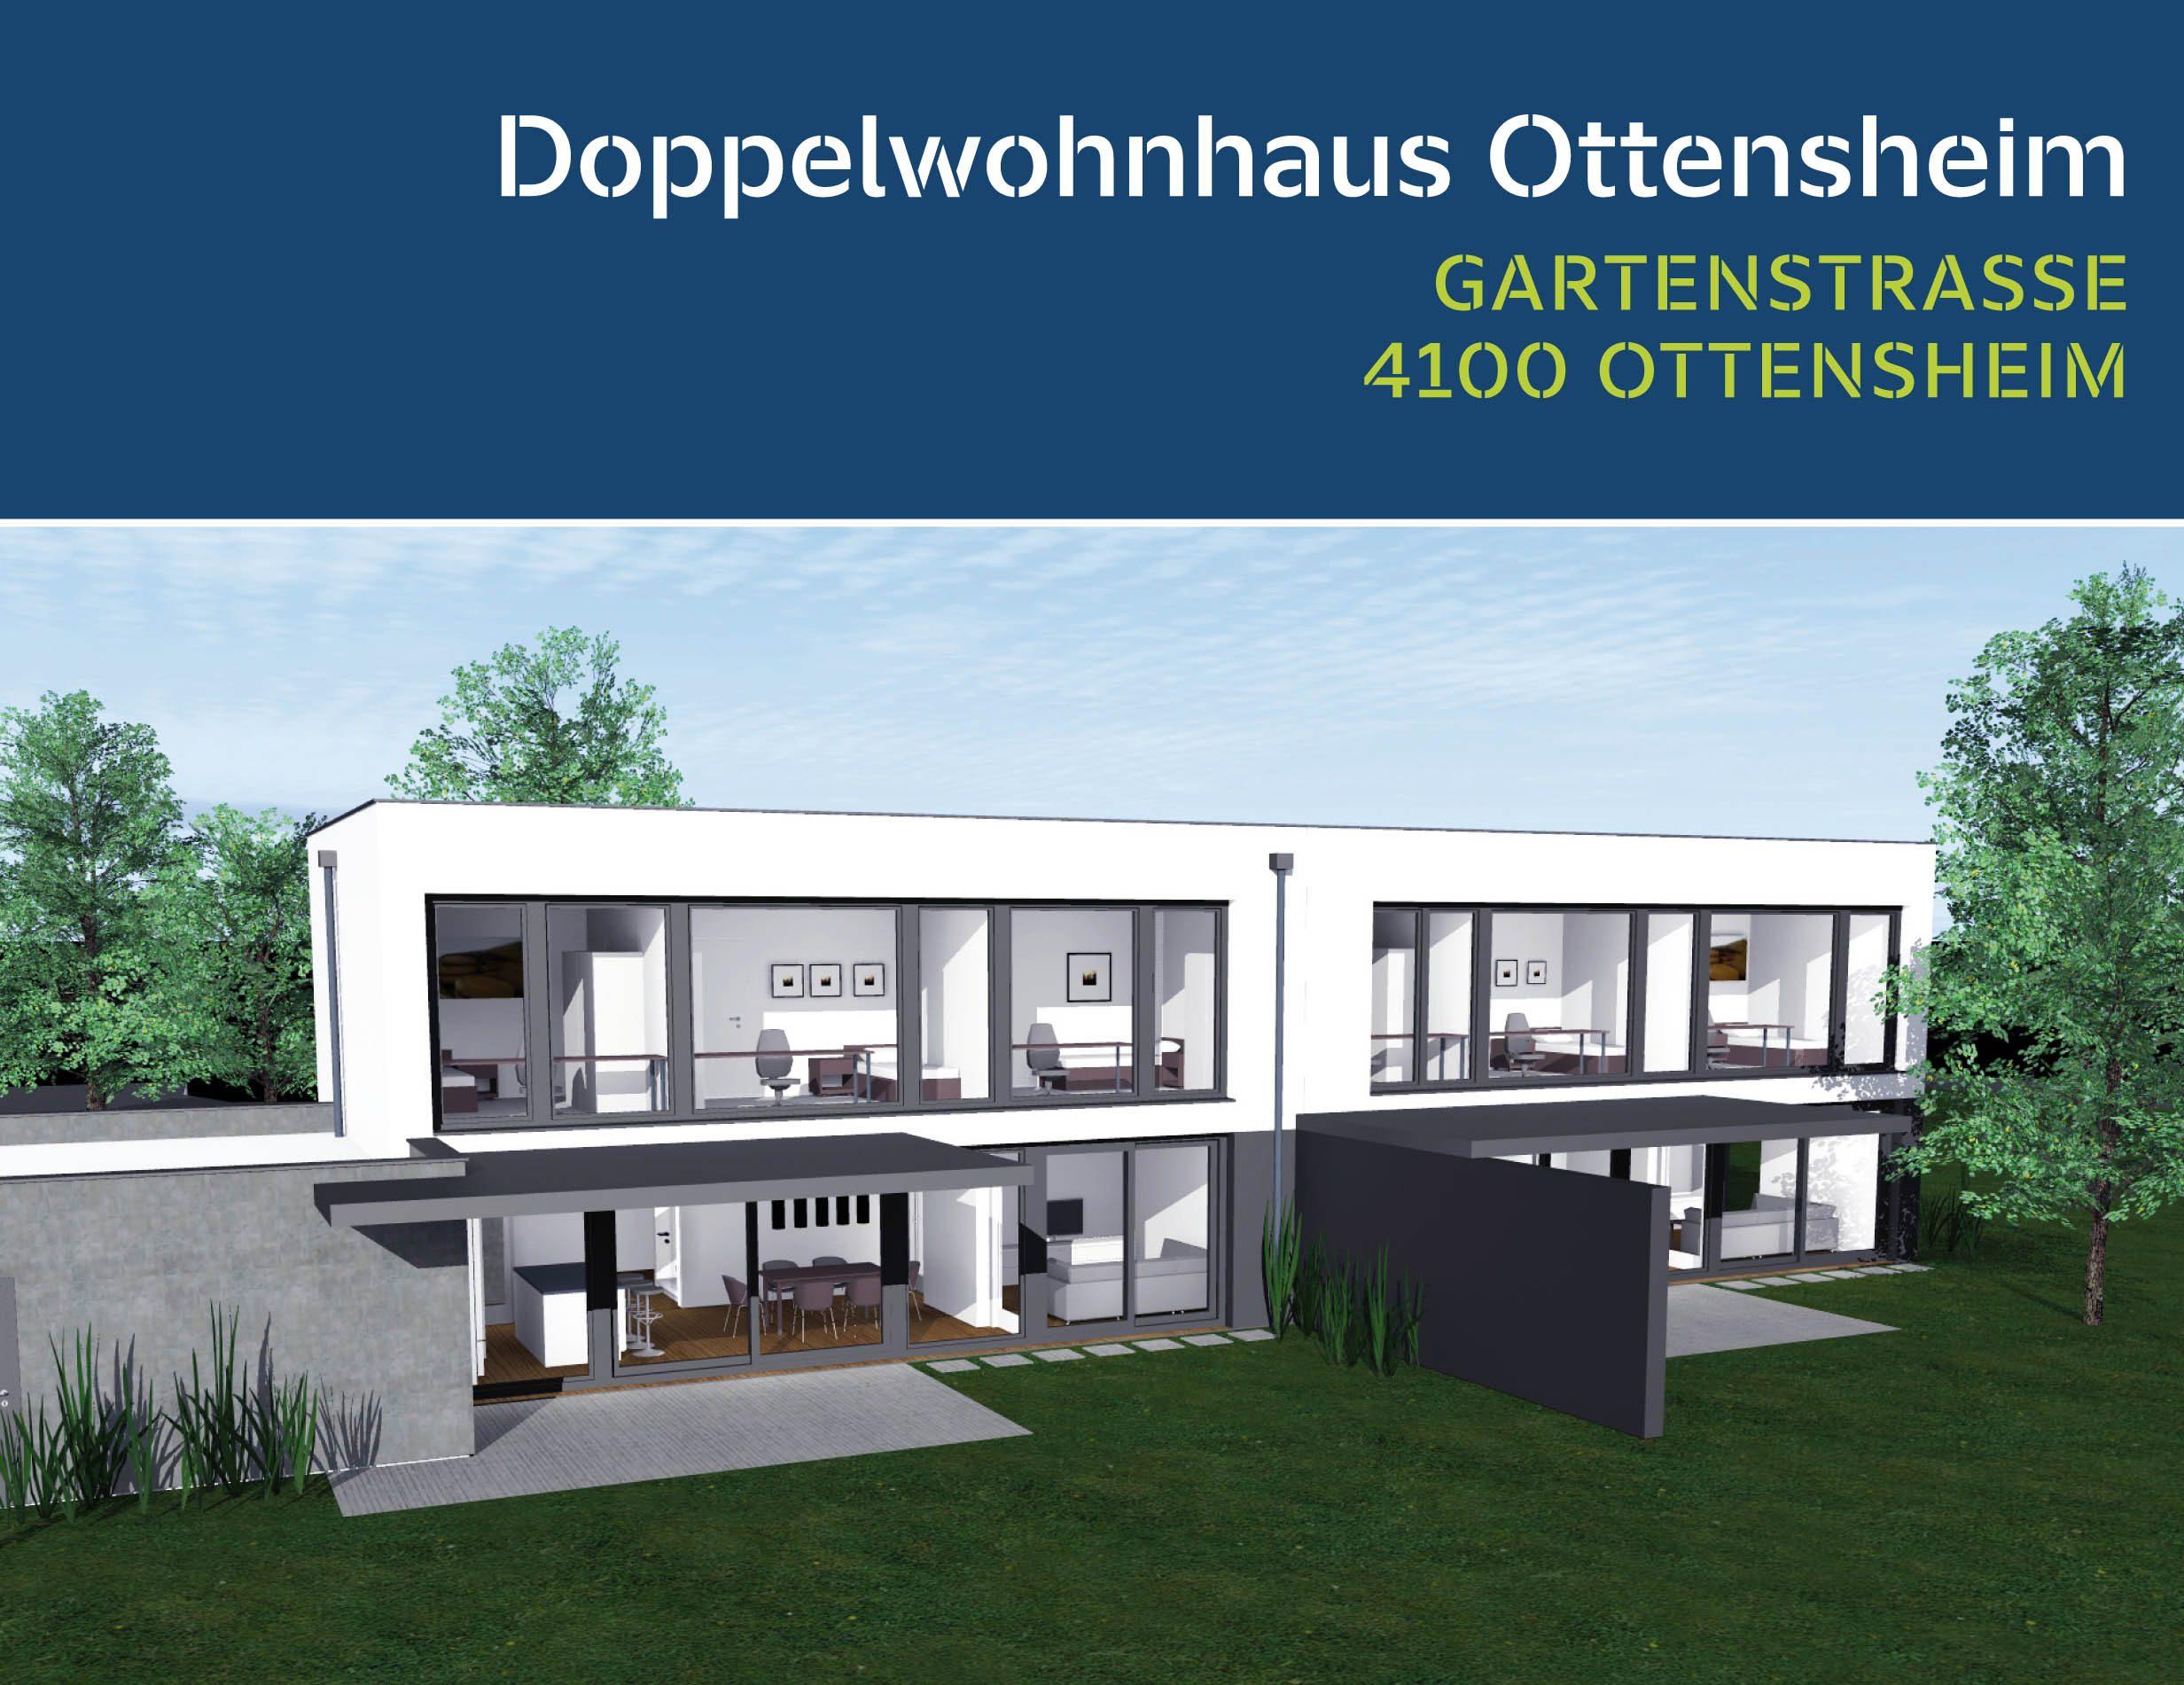 Doppelwohnhaus Ottensheim – Gartenstraße